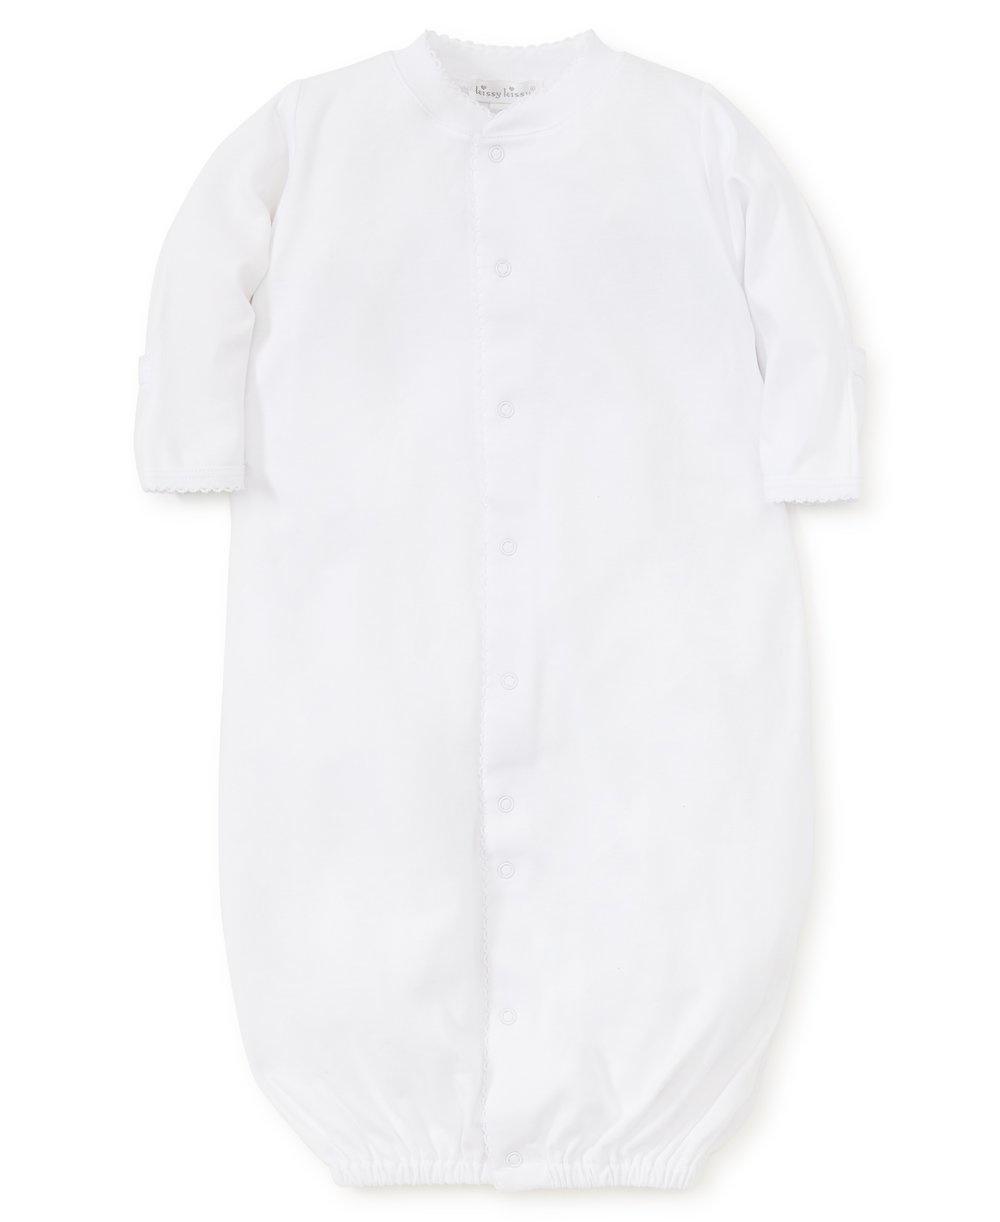 Kissy Kissy White Gown with Trim White Preemie